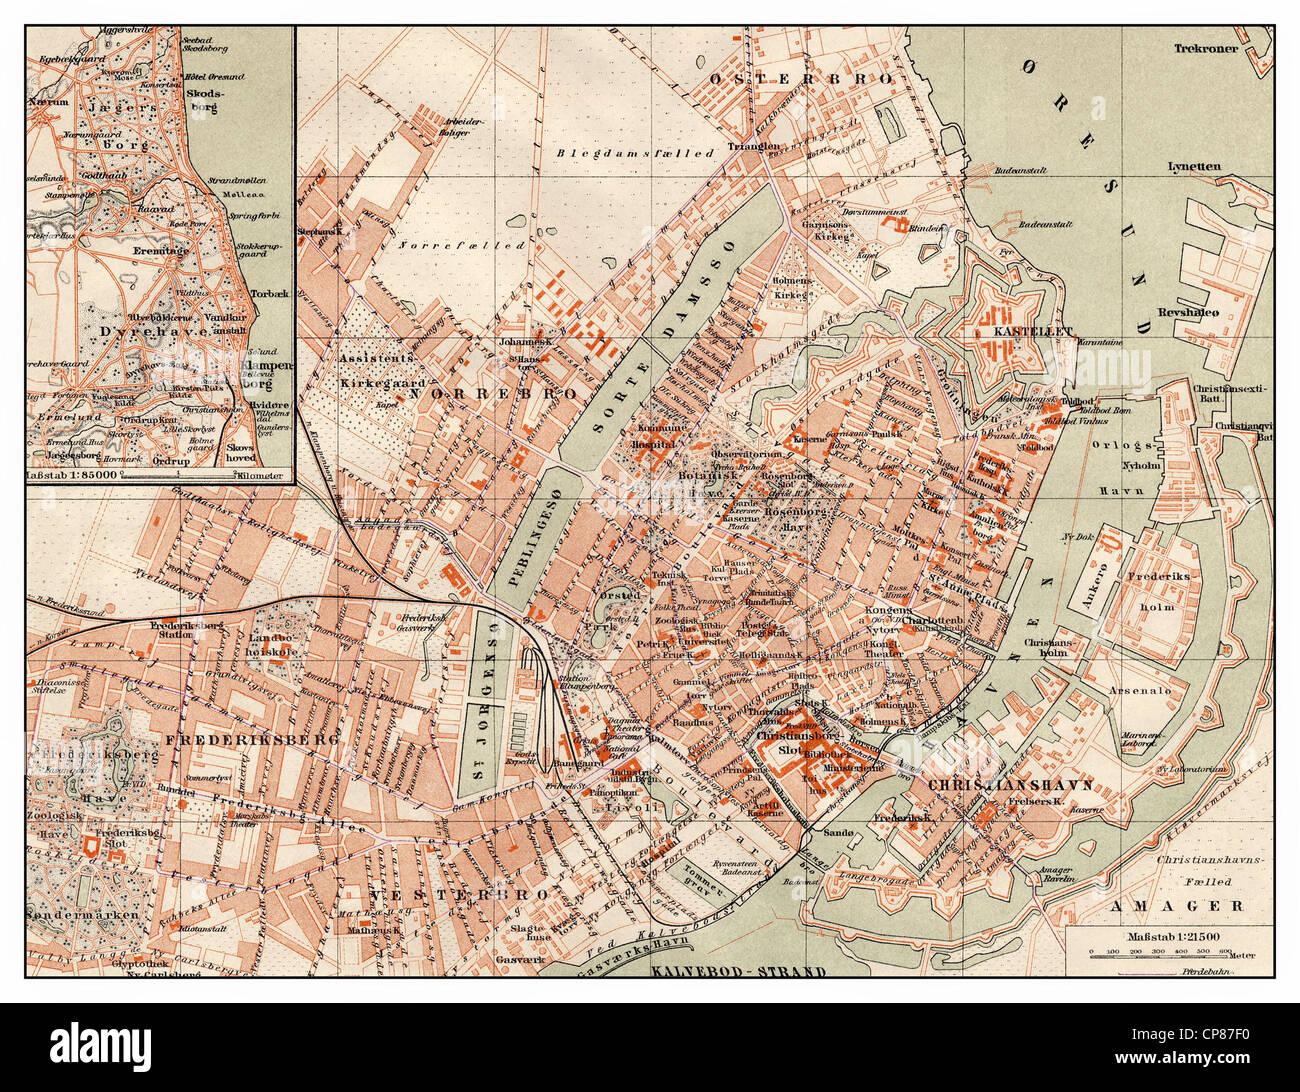 Historic map of Copenhagen, Denmark, 19th Century, Historische, zeichnerische Darstellung, Landkarte, Stadtplan - Stock Image